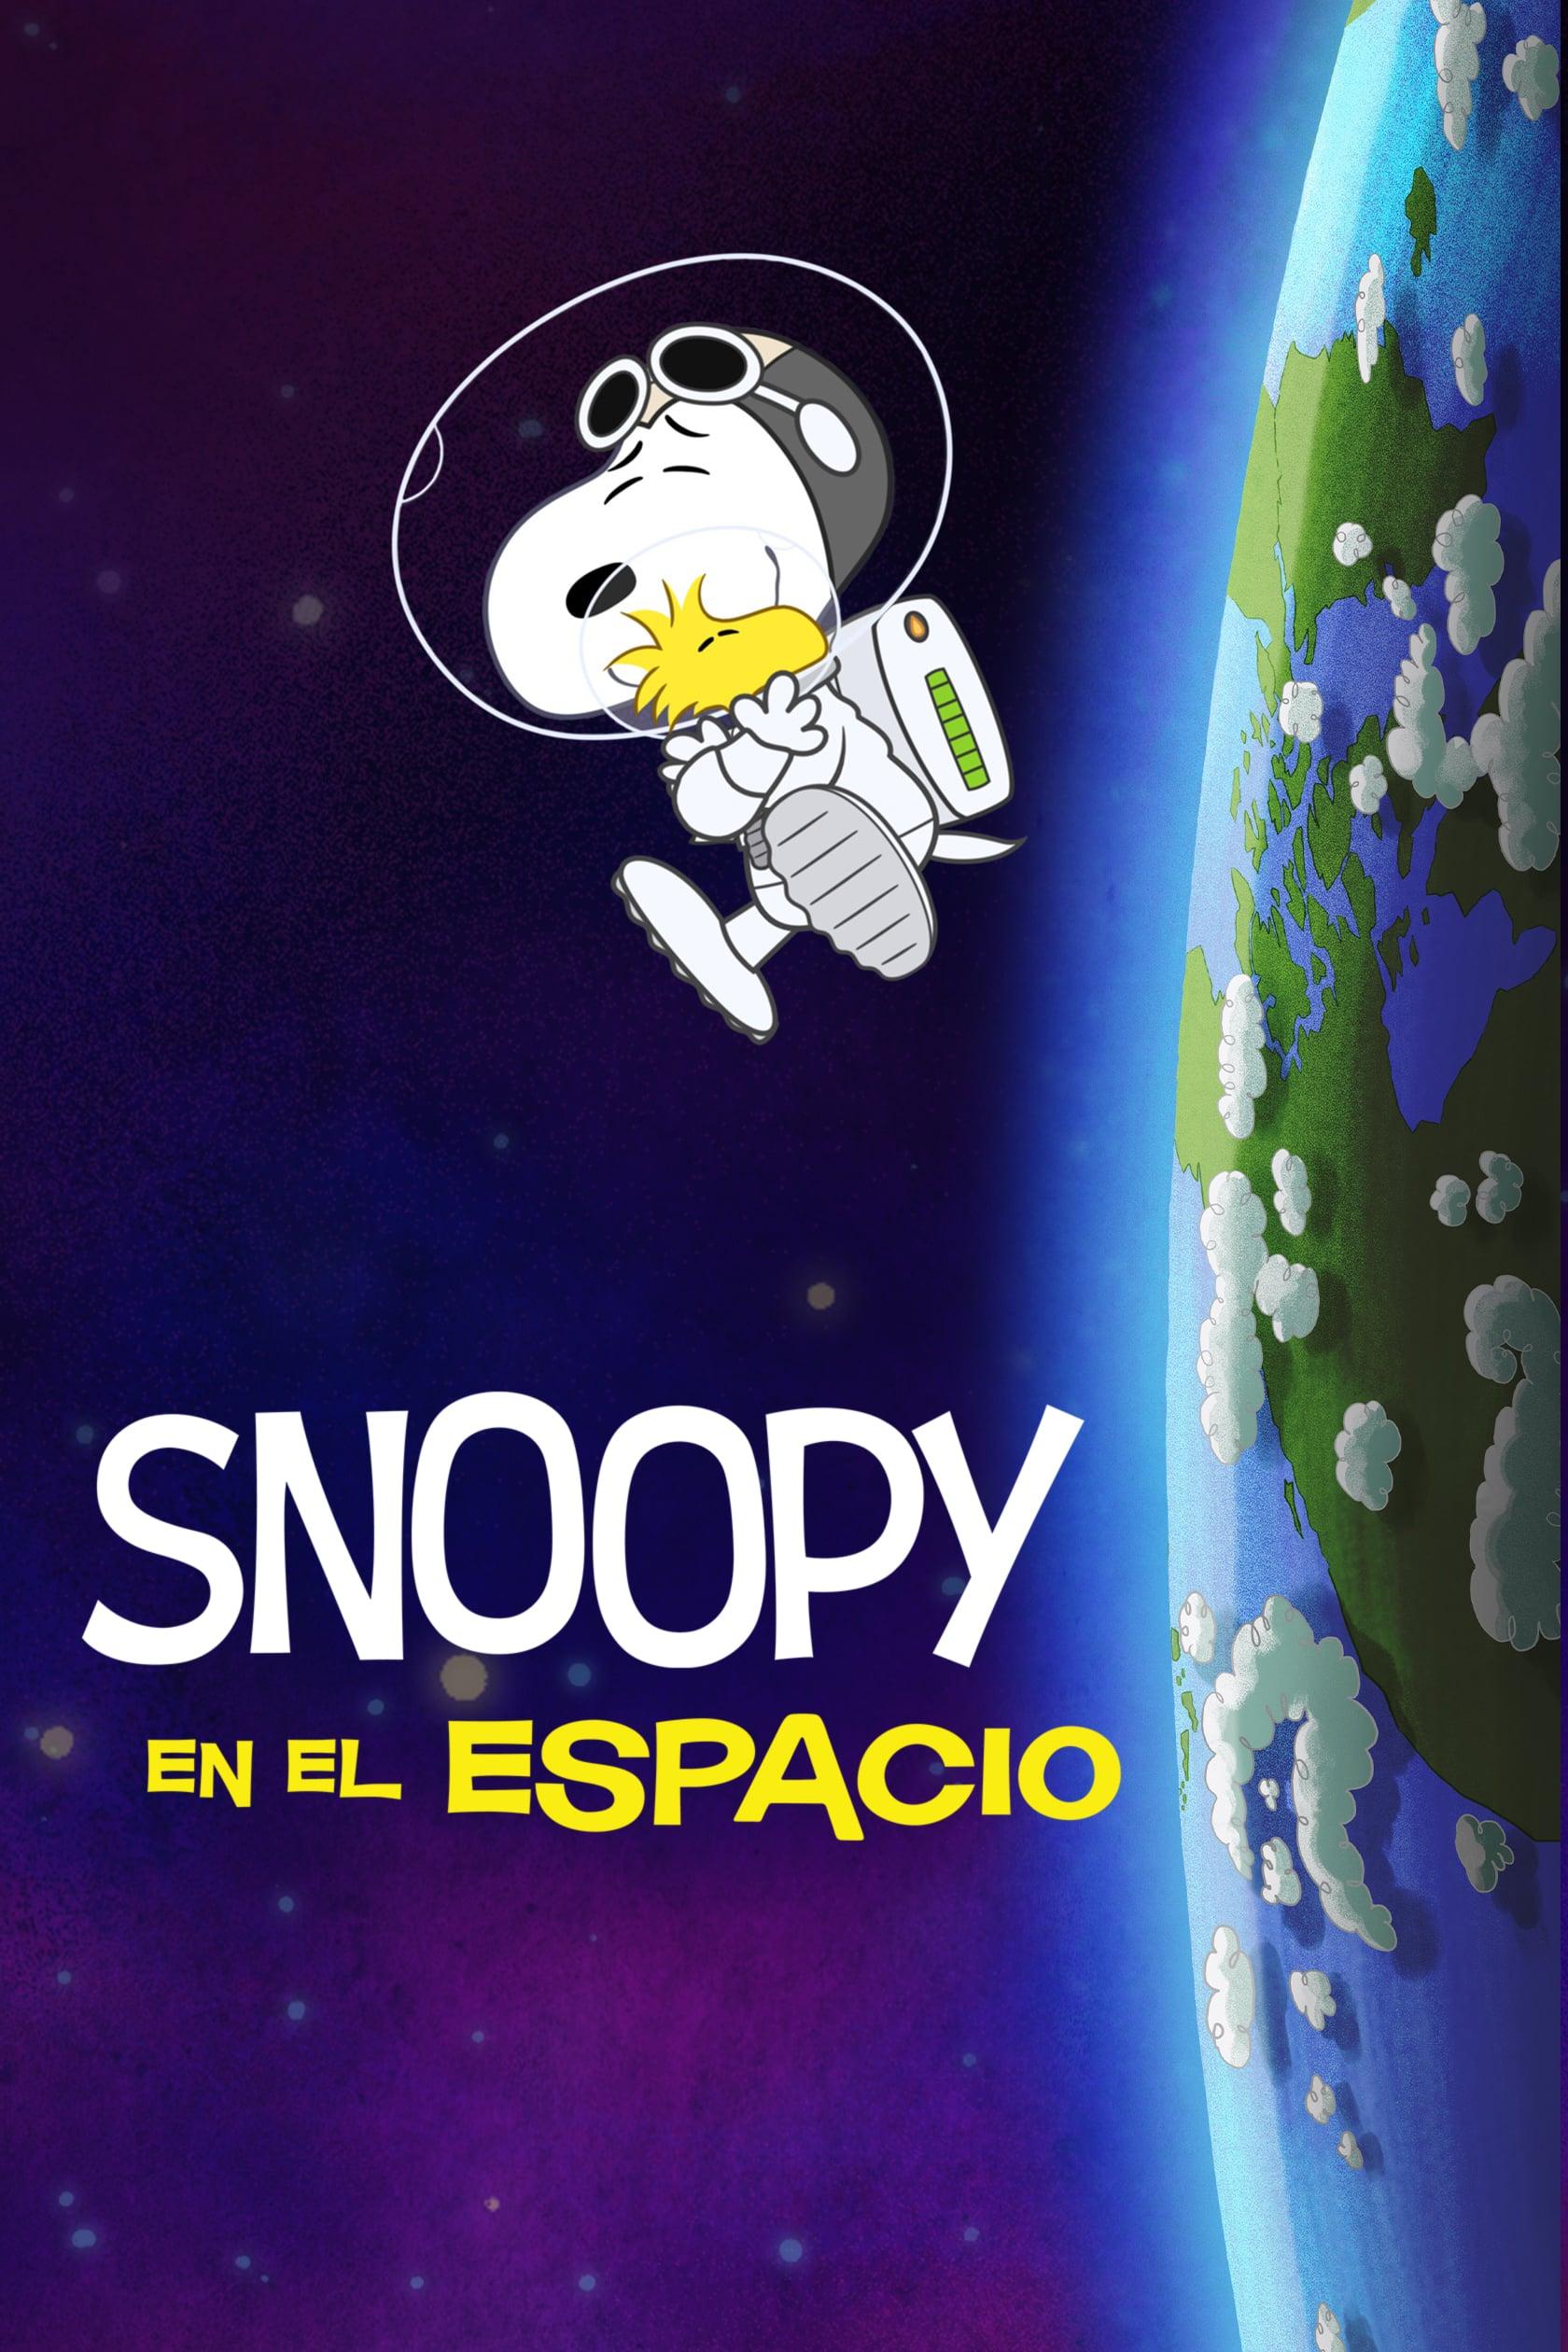 Snoopy el astronauta